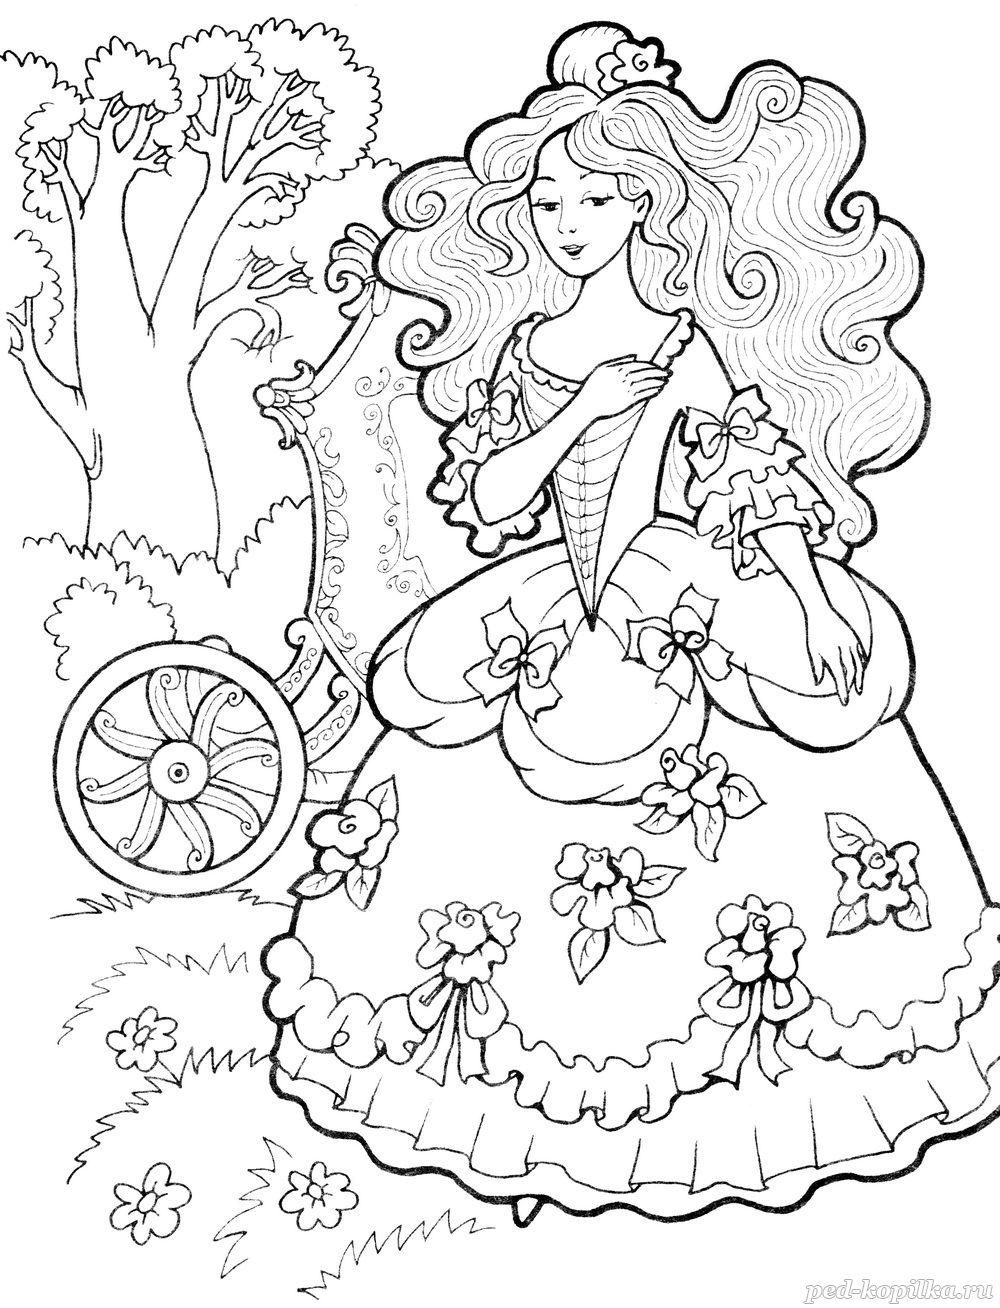 Принцесса впереди кареты Раскраски для девочек онлайн